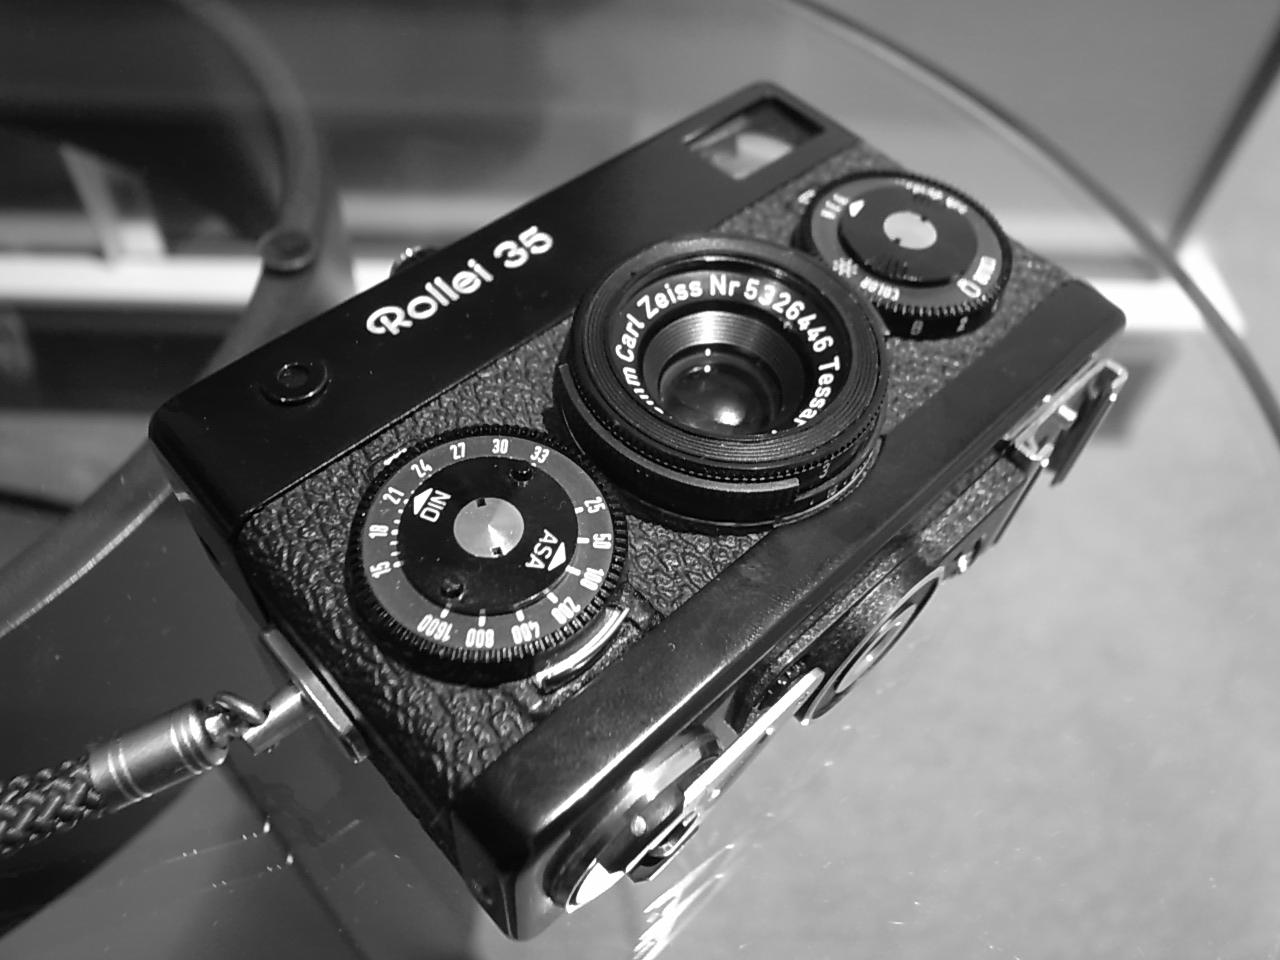 f0180581_1939364.jpg